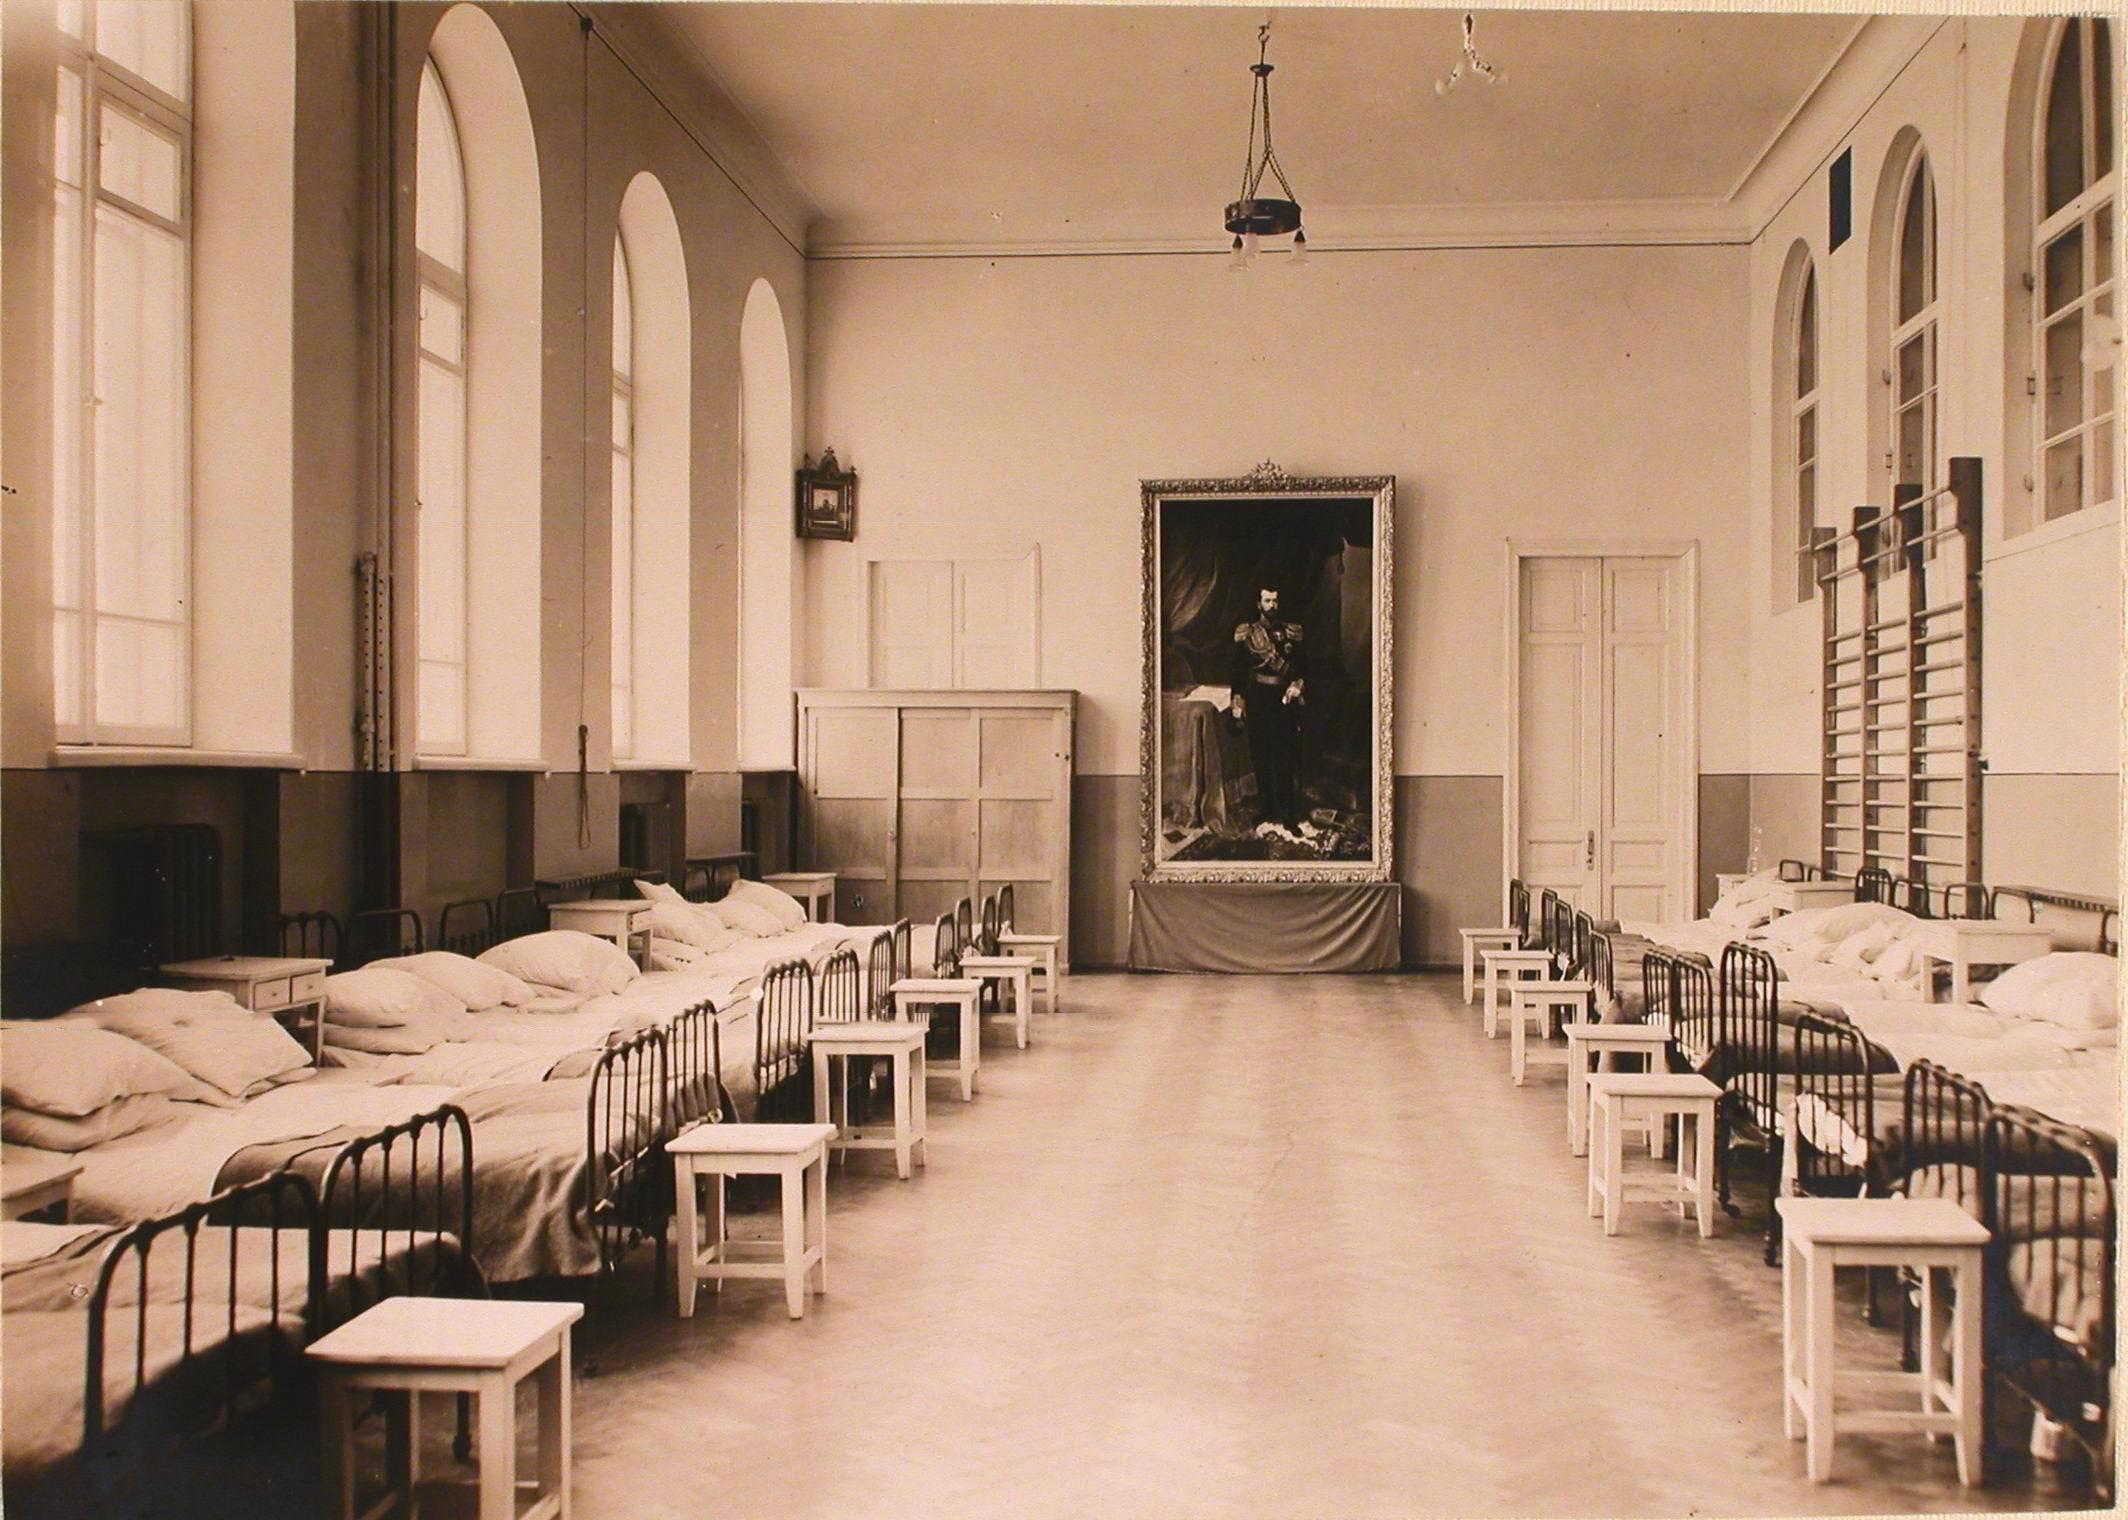 19. Общий вид одной из палат, госпиталя №7 организованной в гимнастическом зале